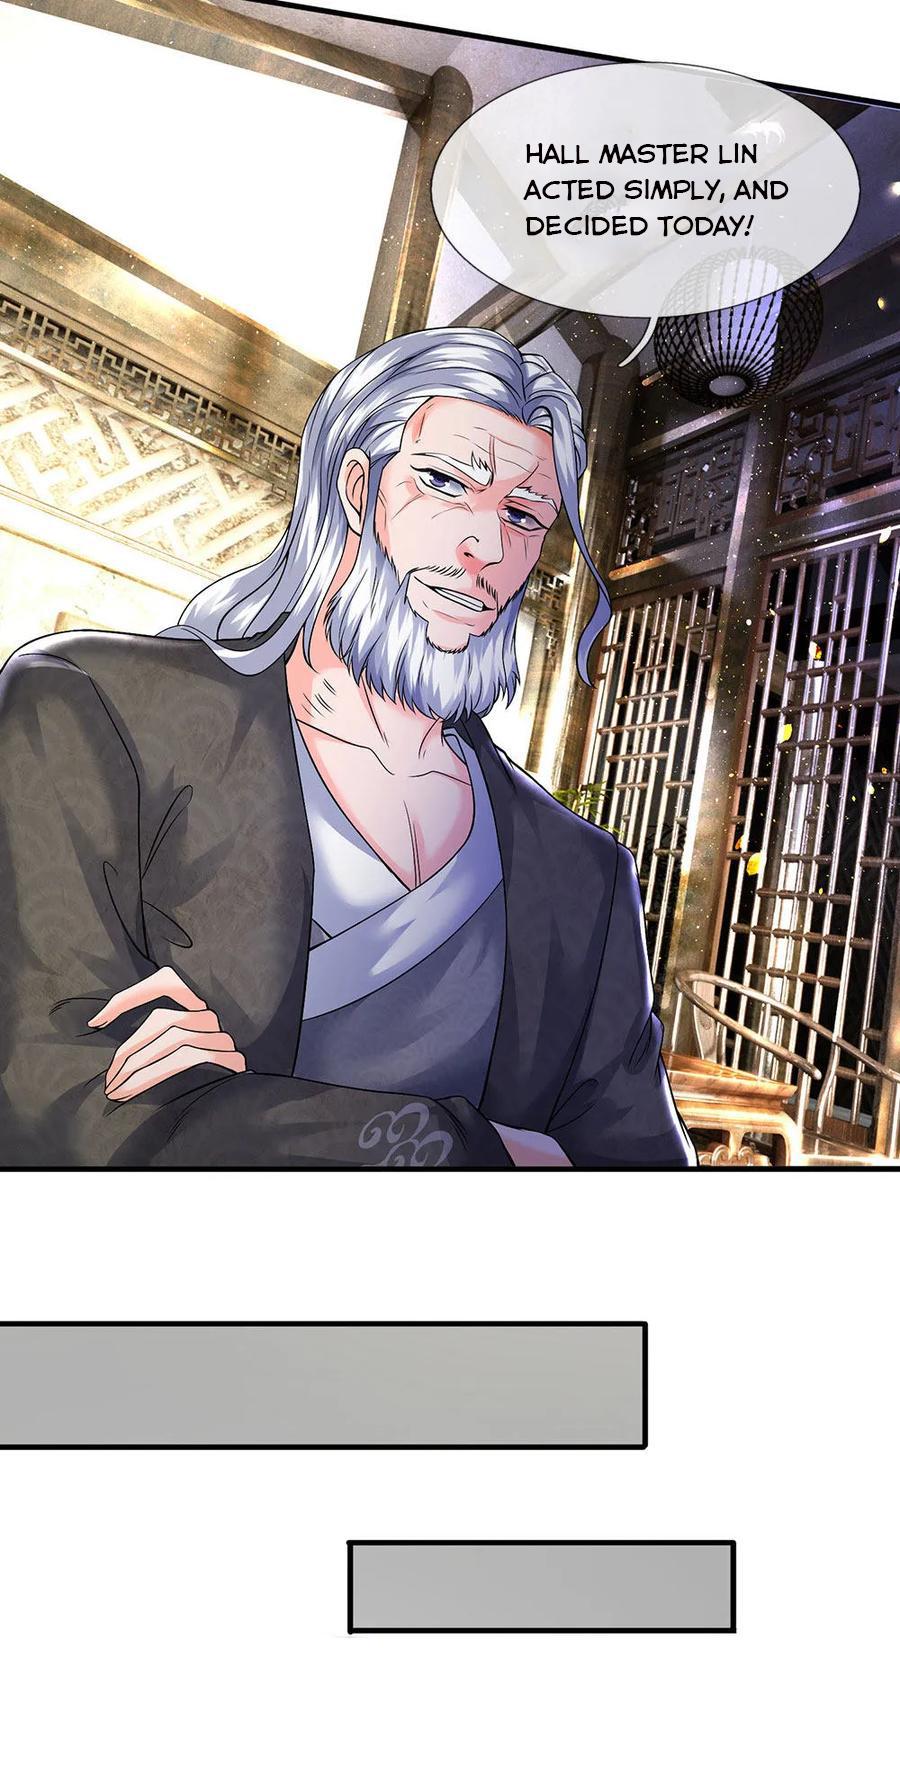 https://manga.mangadogs.com/comics/pic4/39/32615/2841468/695fc554d150e16a91b4b625dcd8282c.jpg Page 2